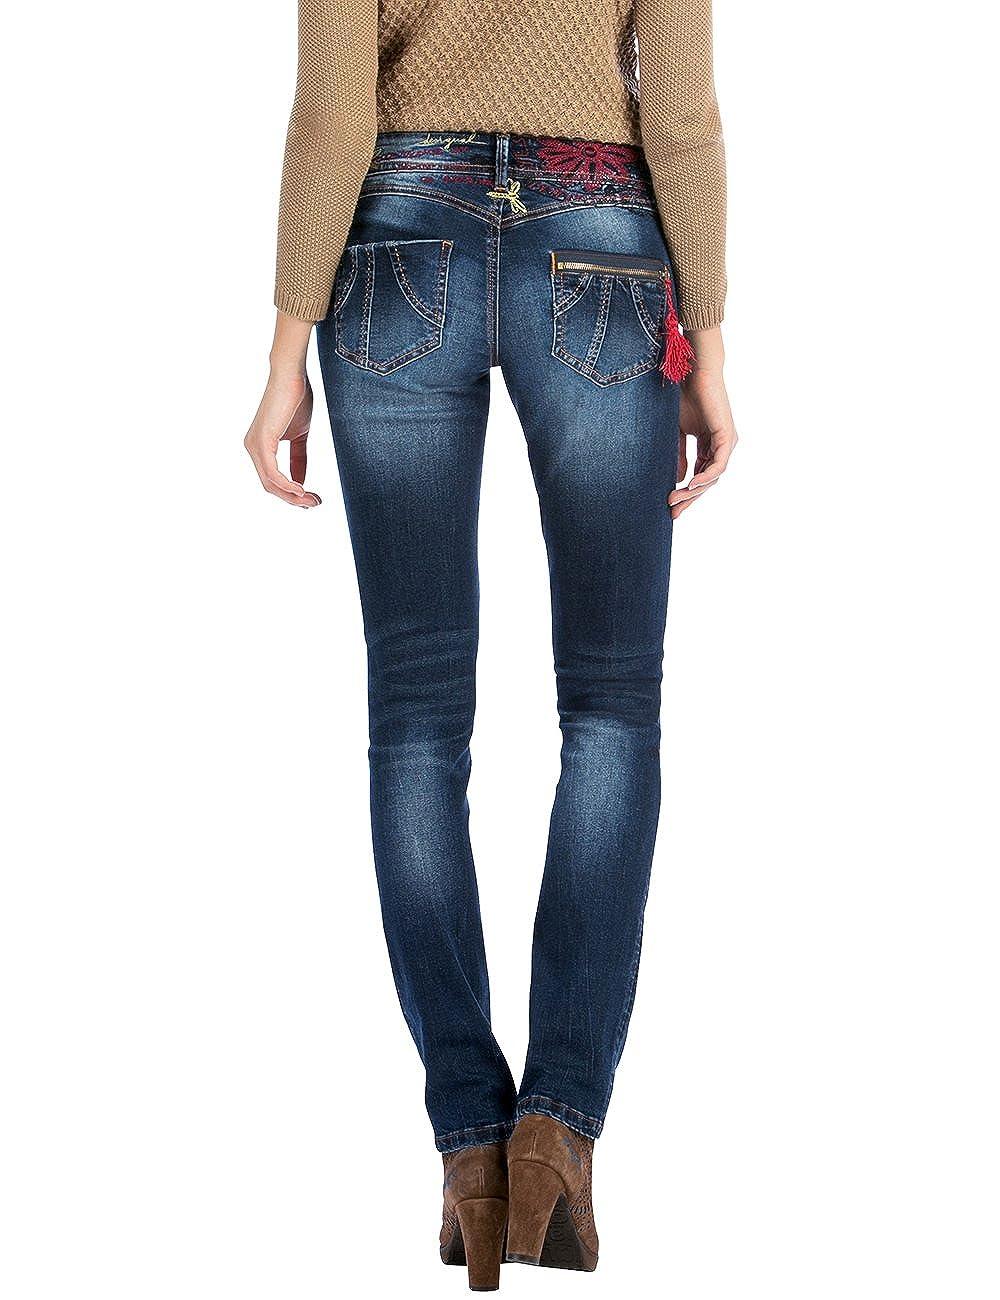 W26 Women's navy Bleu Desigual Jeans Cors refri Denim Blue n8wdY0aw